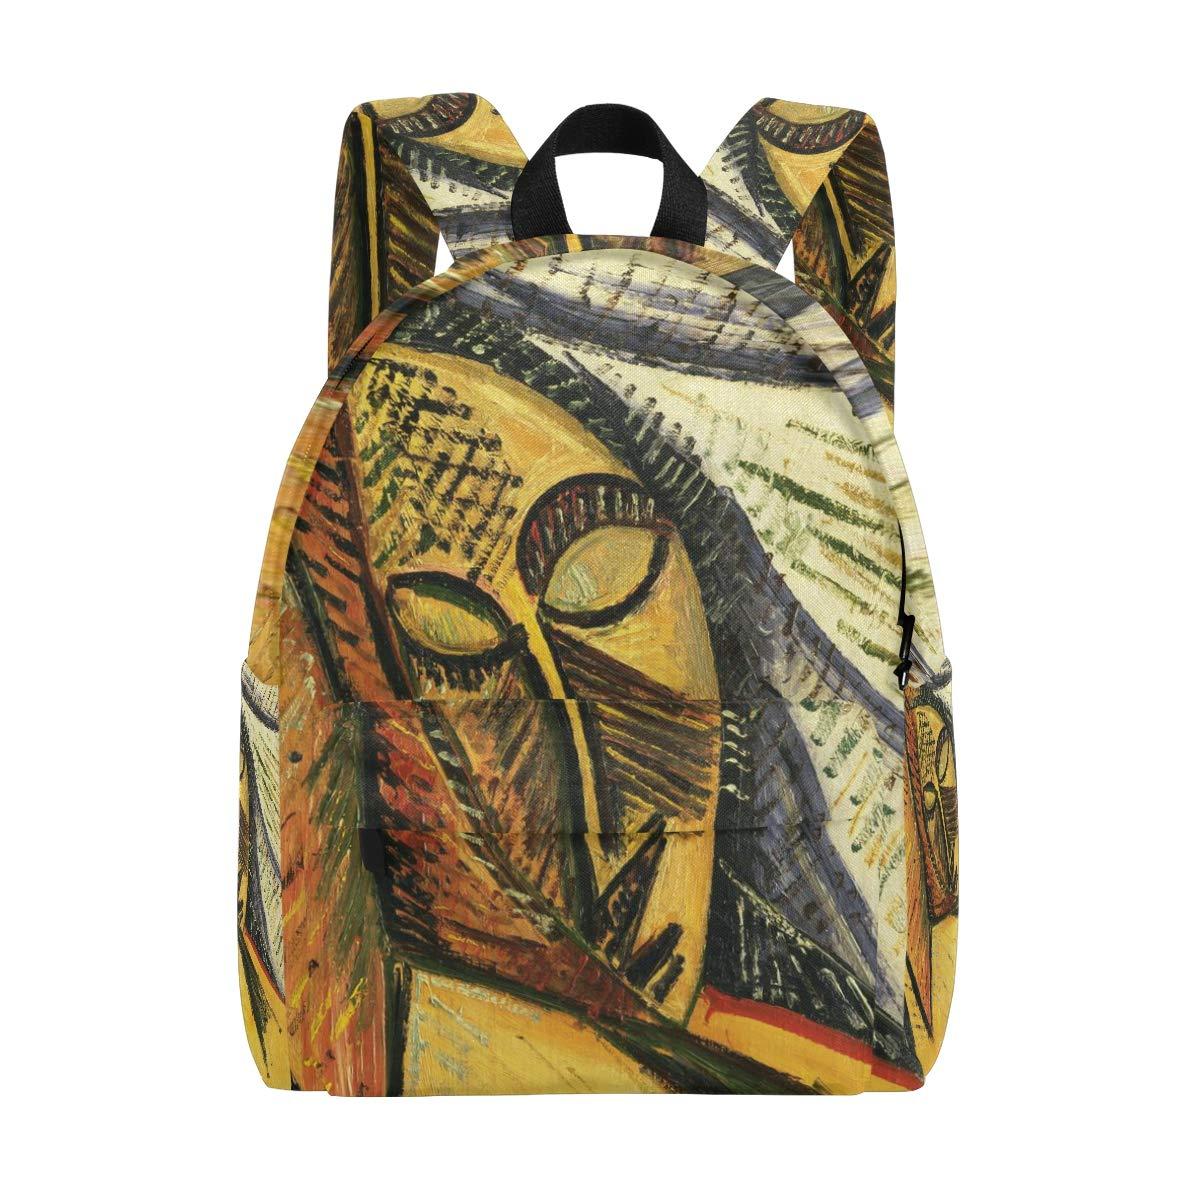 DEYYA 軽量パブロピカソ アフリカンガール アートスクール バックパック レディース ガールズ ティーン キッズ   B07GNBPW92